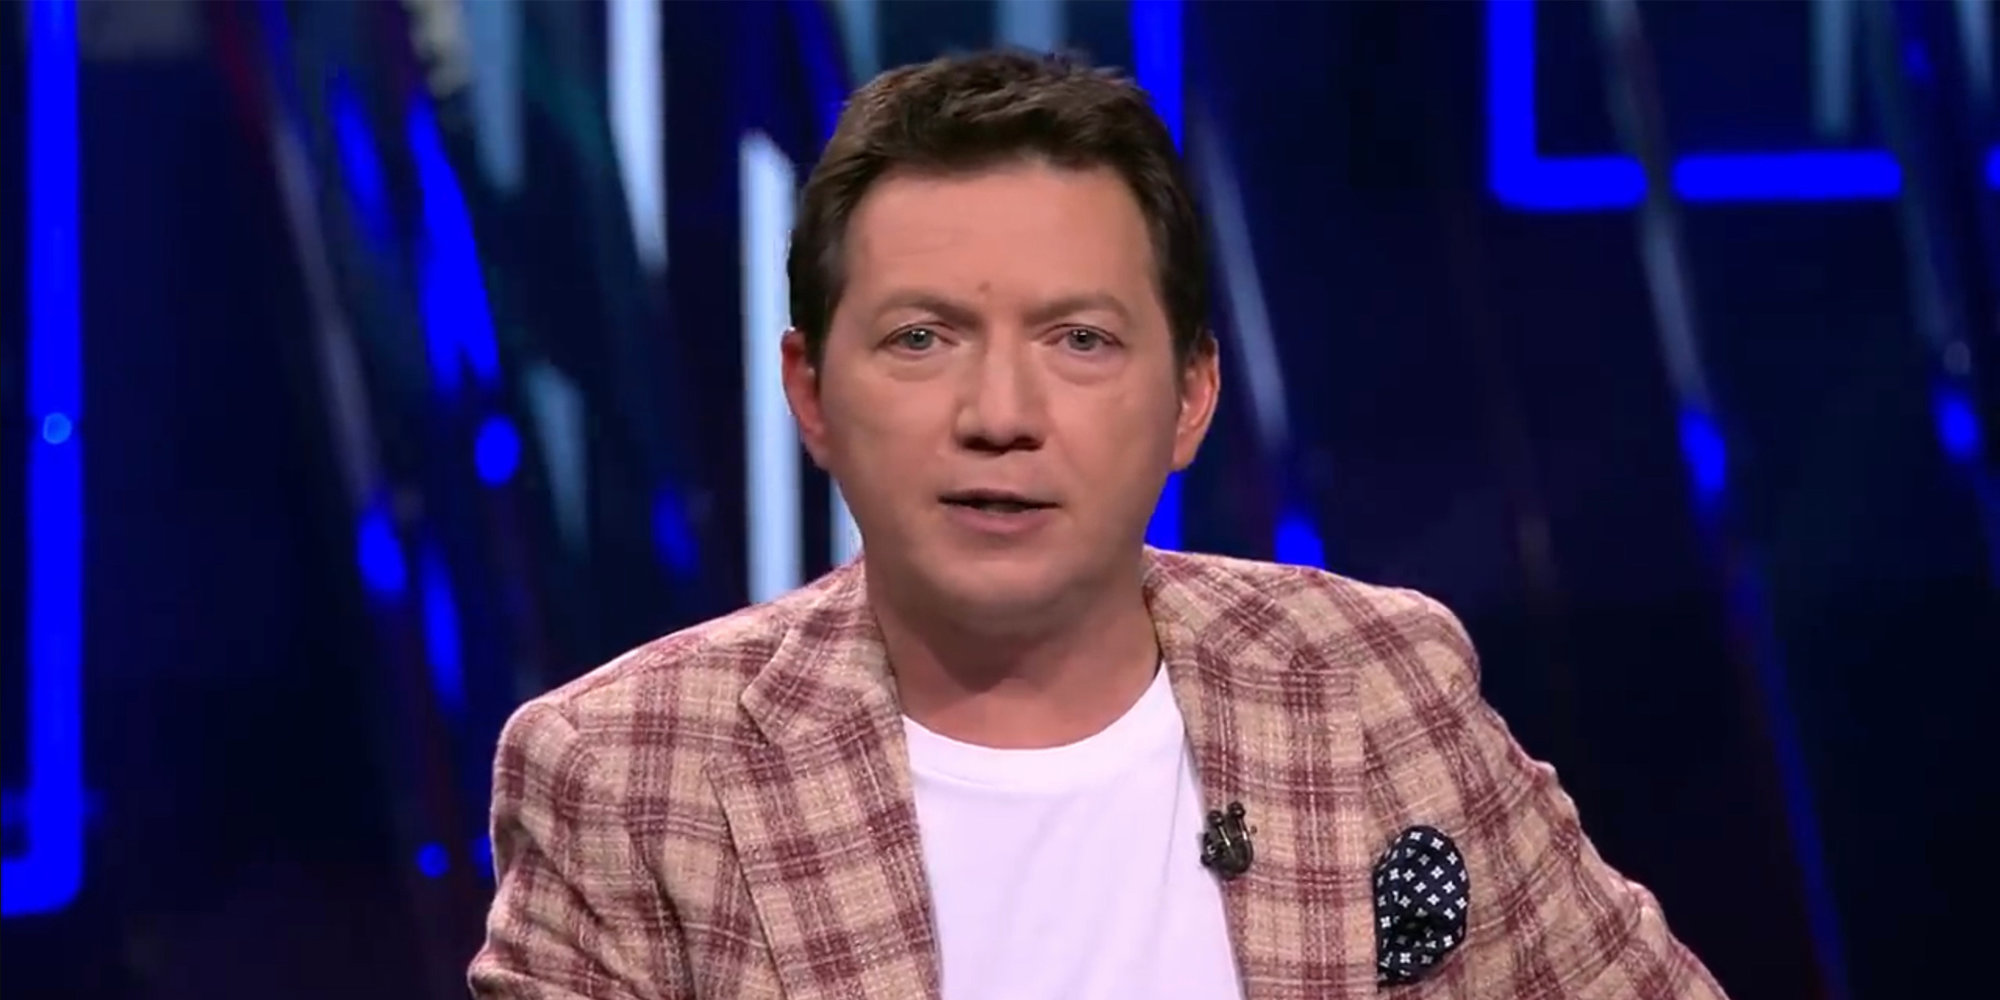 Георгий Черданцев: «По моей информации, в ближайшее время арбитров в поле и арбитров на VAR разделят. Это будут две отдельные категории»